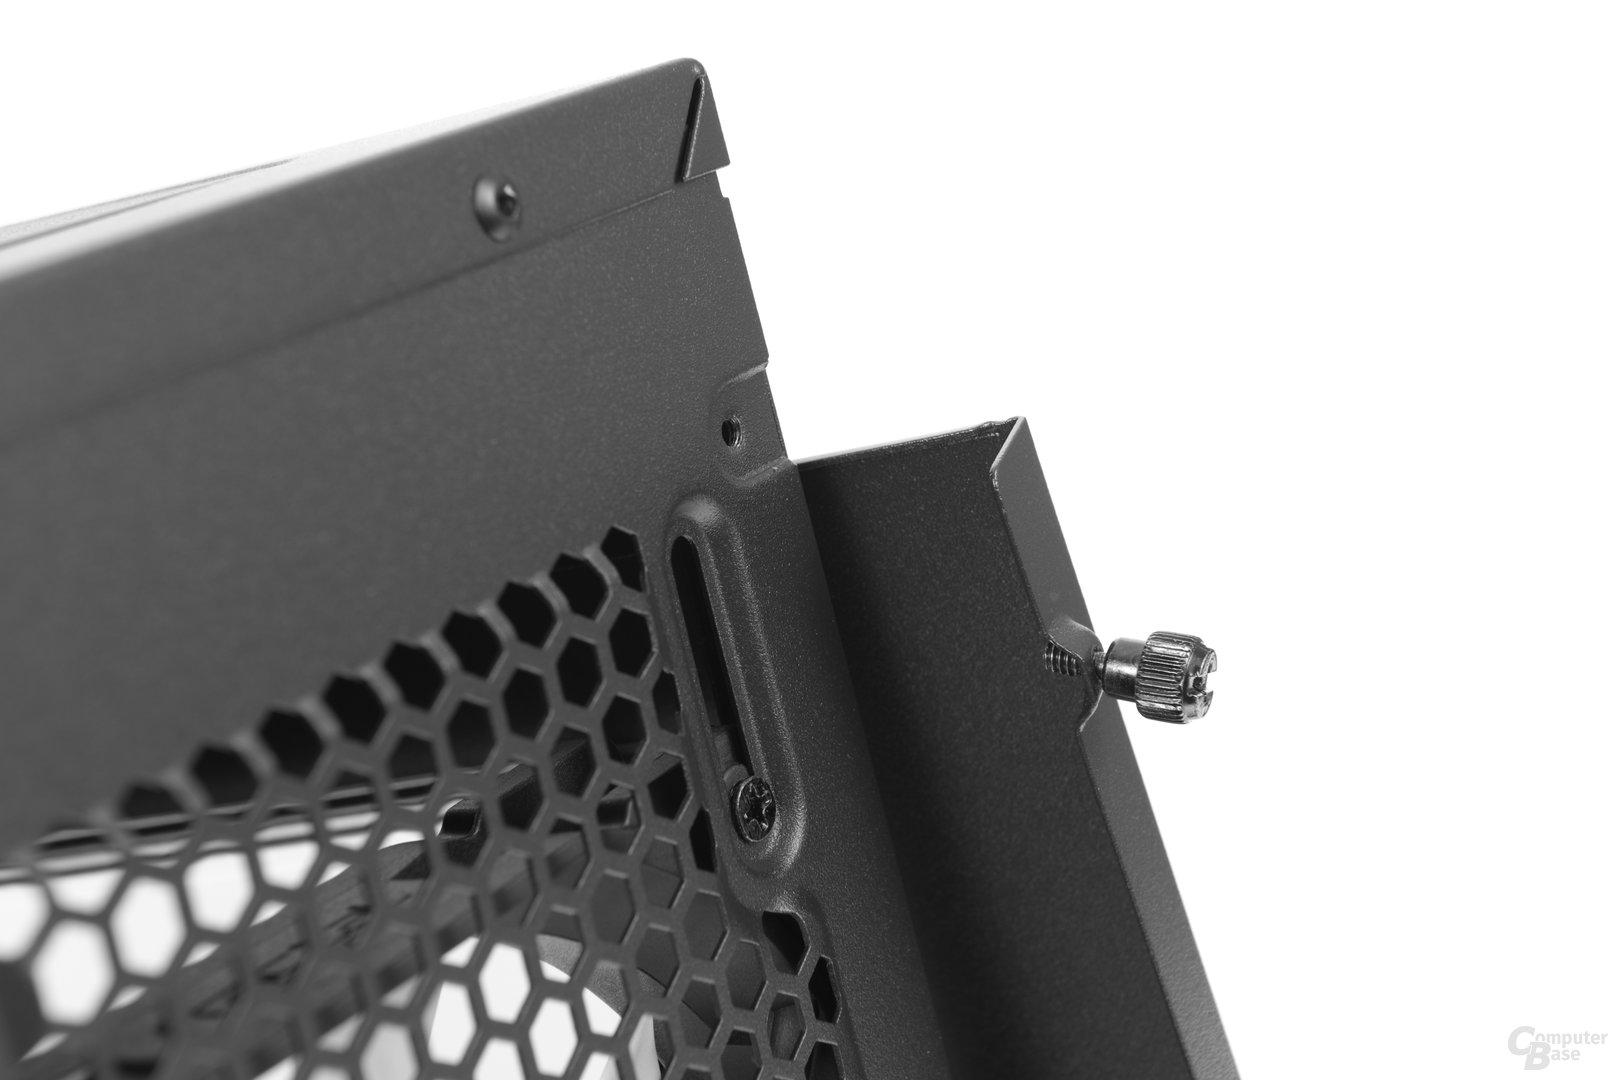 Fractal Design Define Mini C – Schraubensicherung